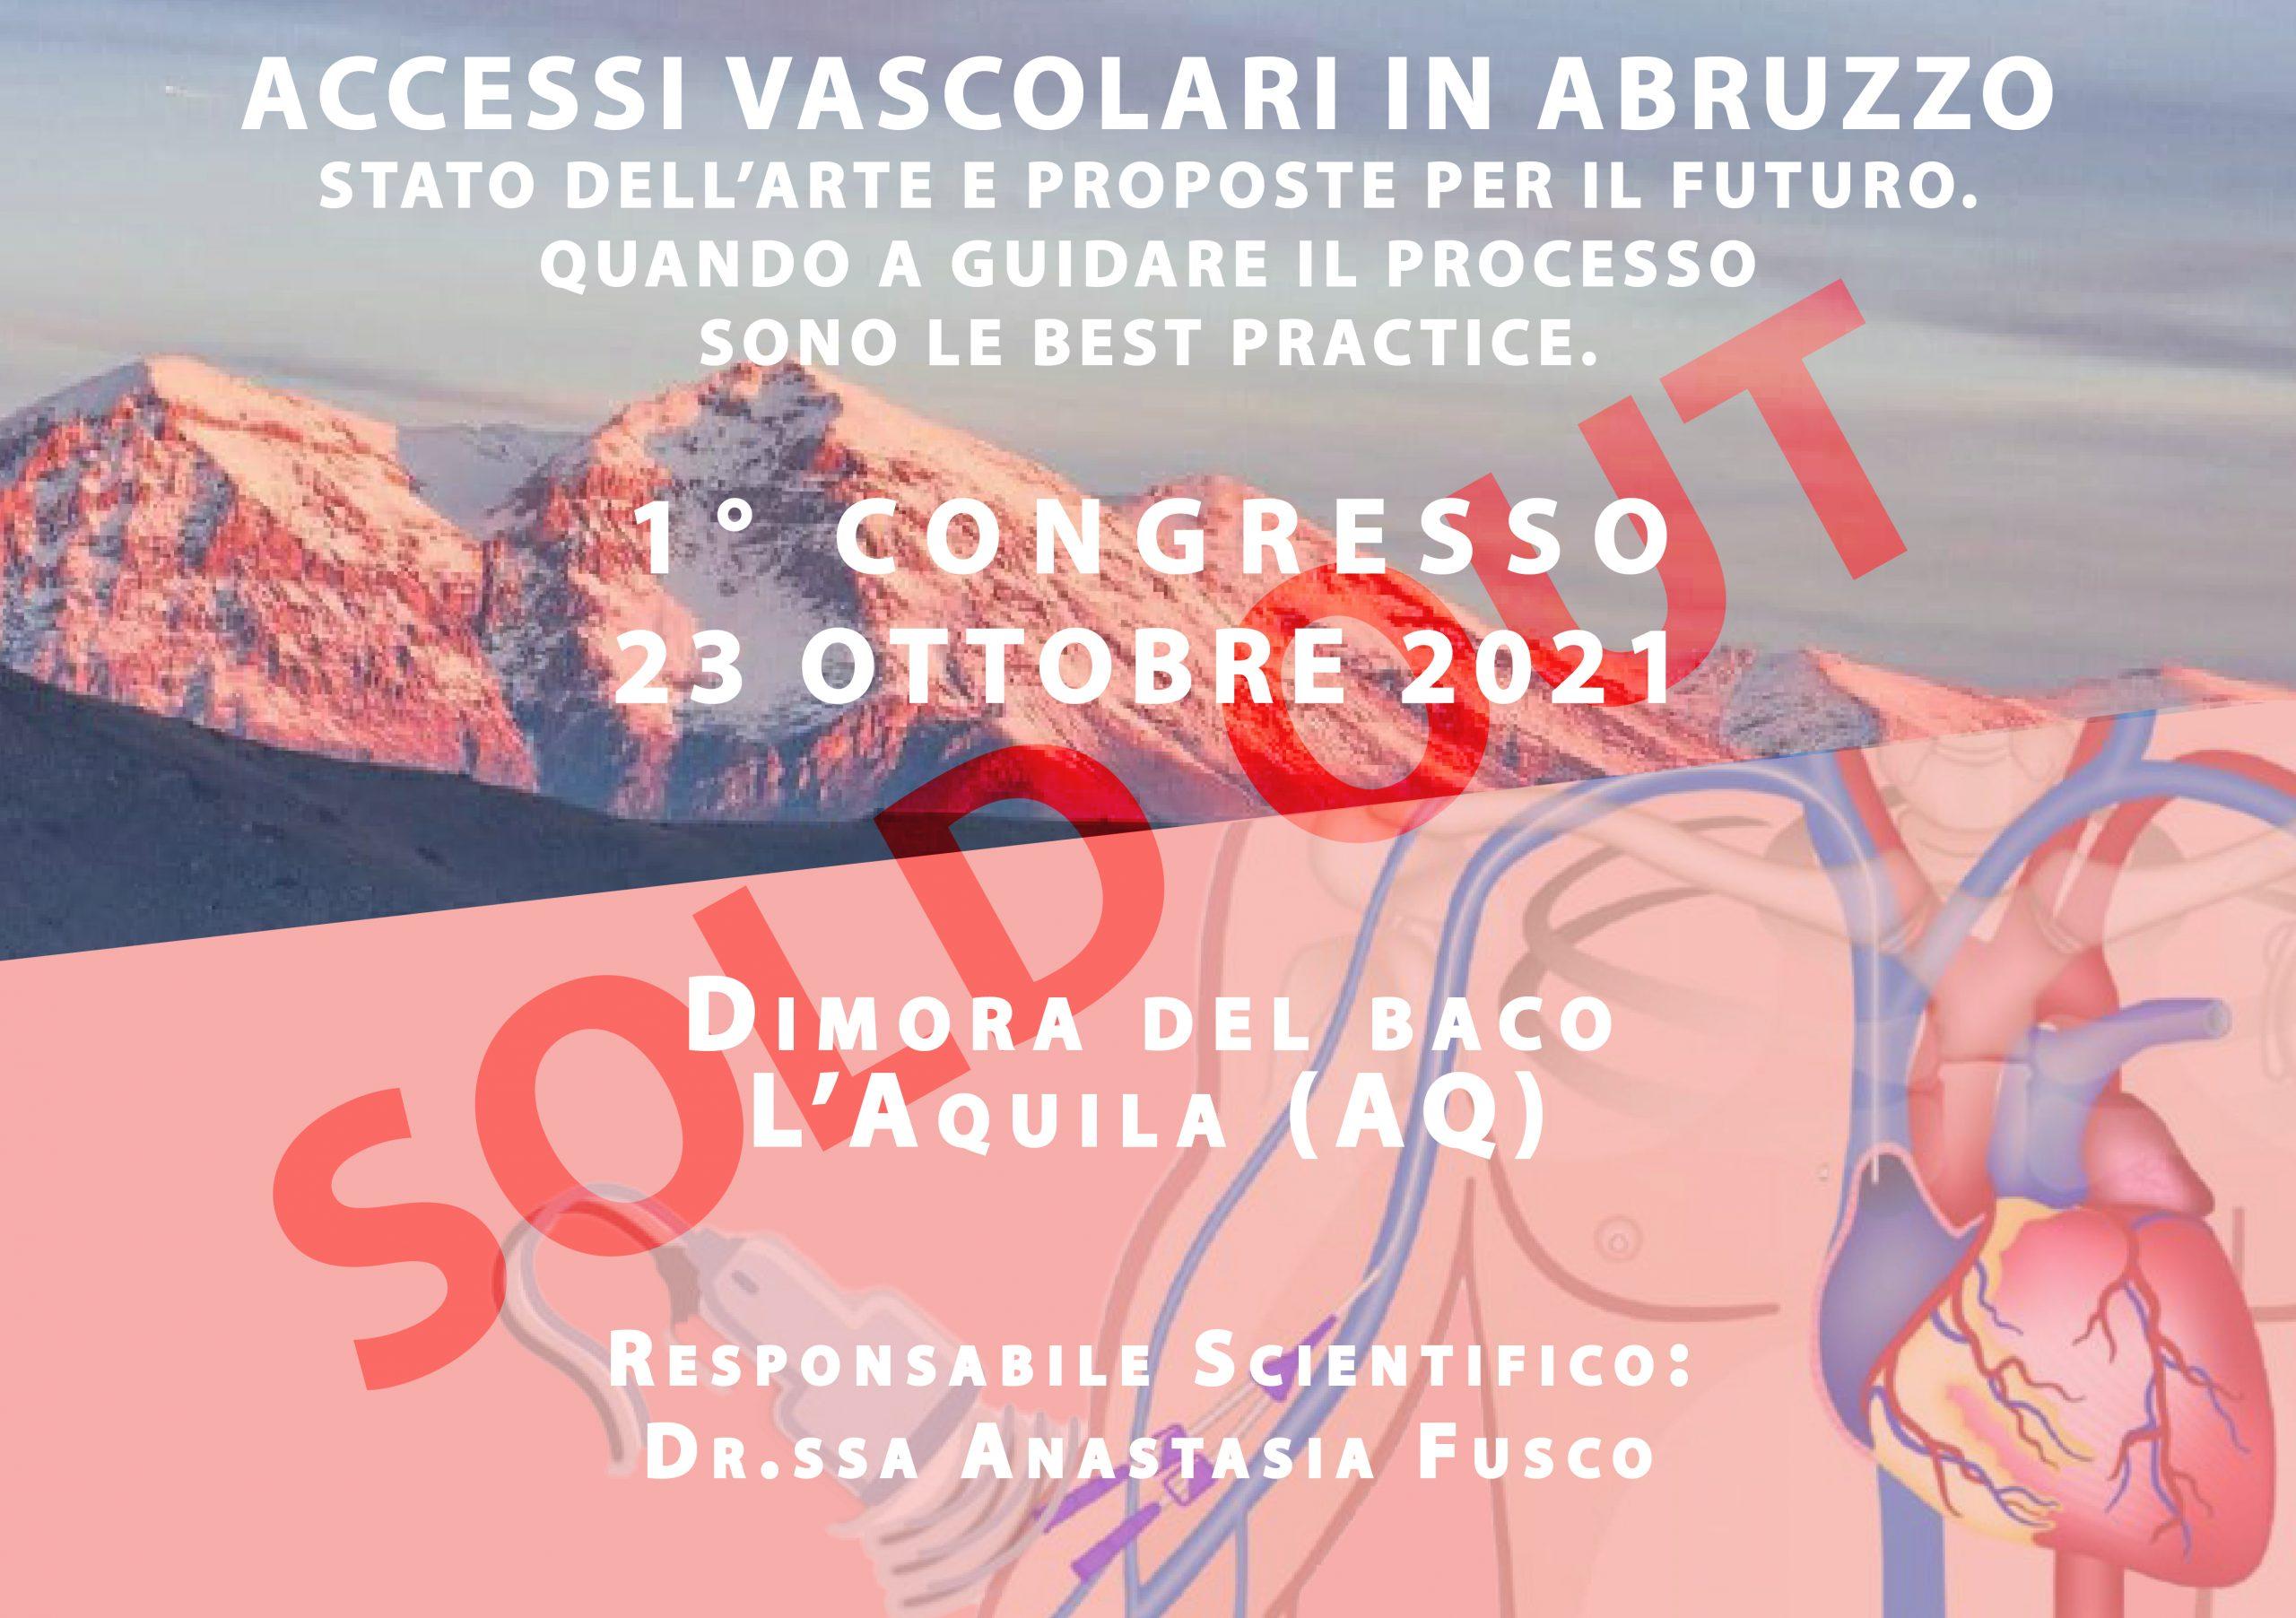 Accessi Vascolari in Abruzzo: Stato dell'arte e proposte per il futuro